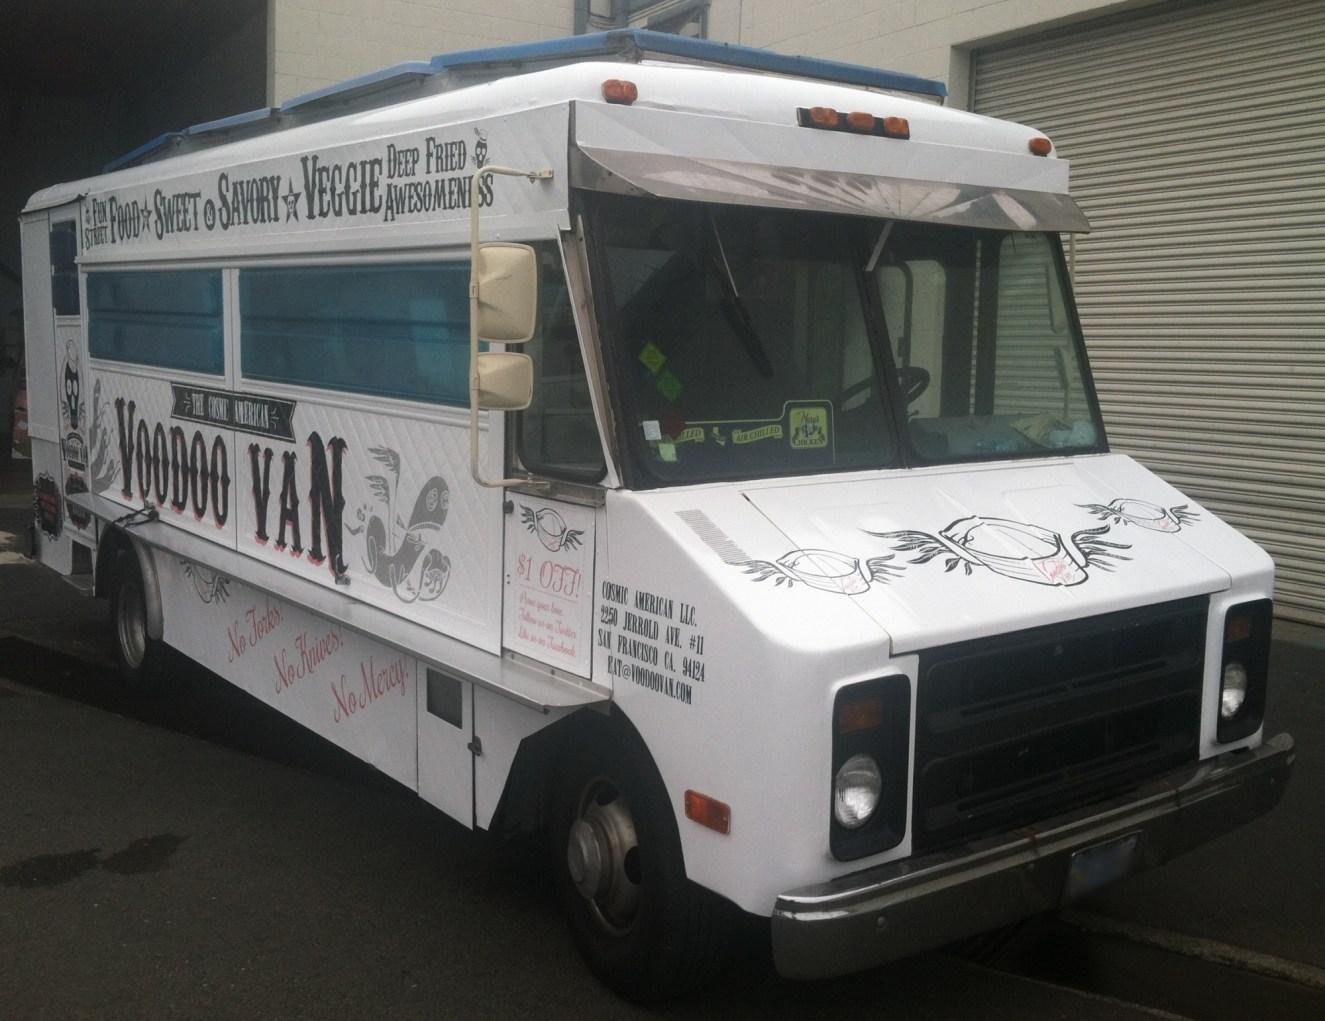 voodoo van food truck wrap-14